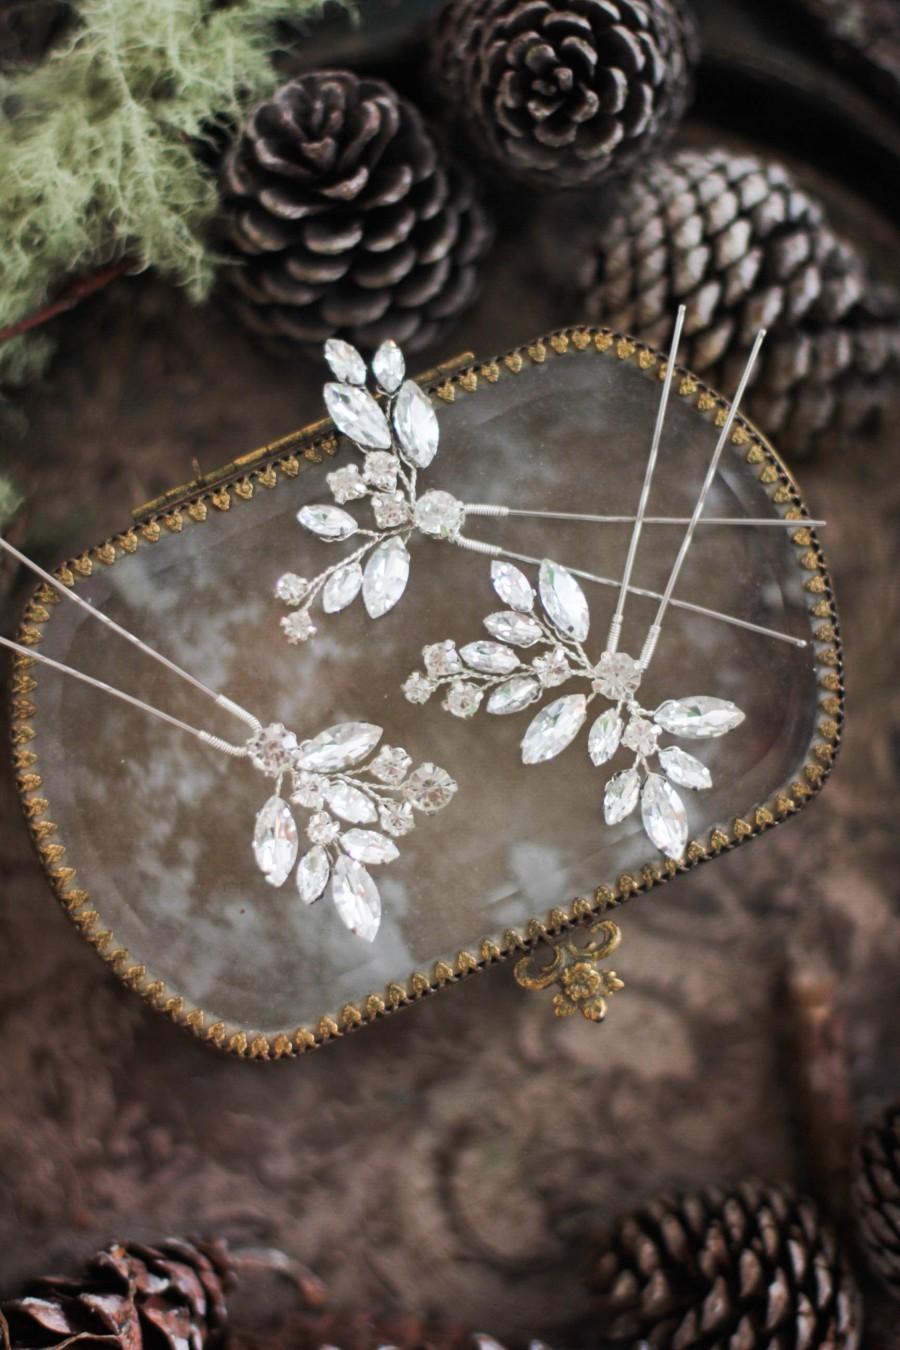 زفاف - Wedding Hair Pins ONE PIN Bridesmaid Jewelry Gift Mother of Bride Hair Pins Bride Bridal Hair Mini Clips Wedding Hair Piece Small Comb